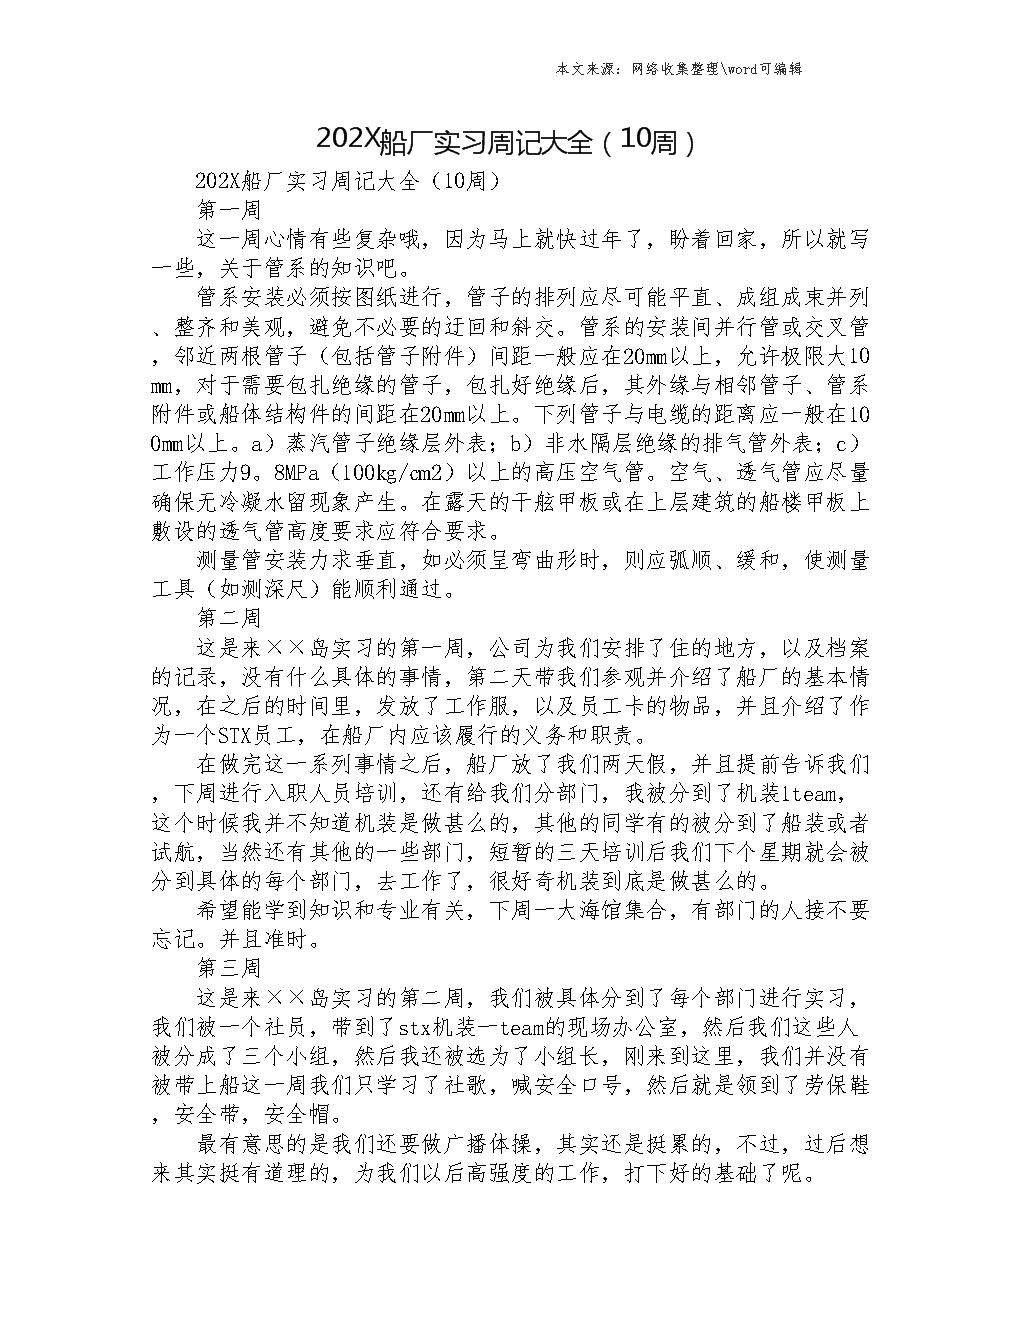 2020船厂实习周记大全(10周)l.doc